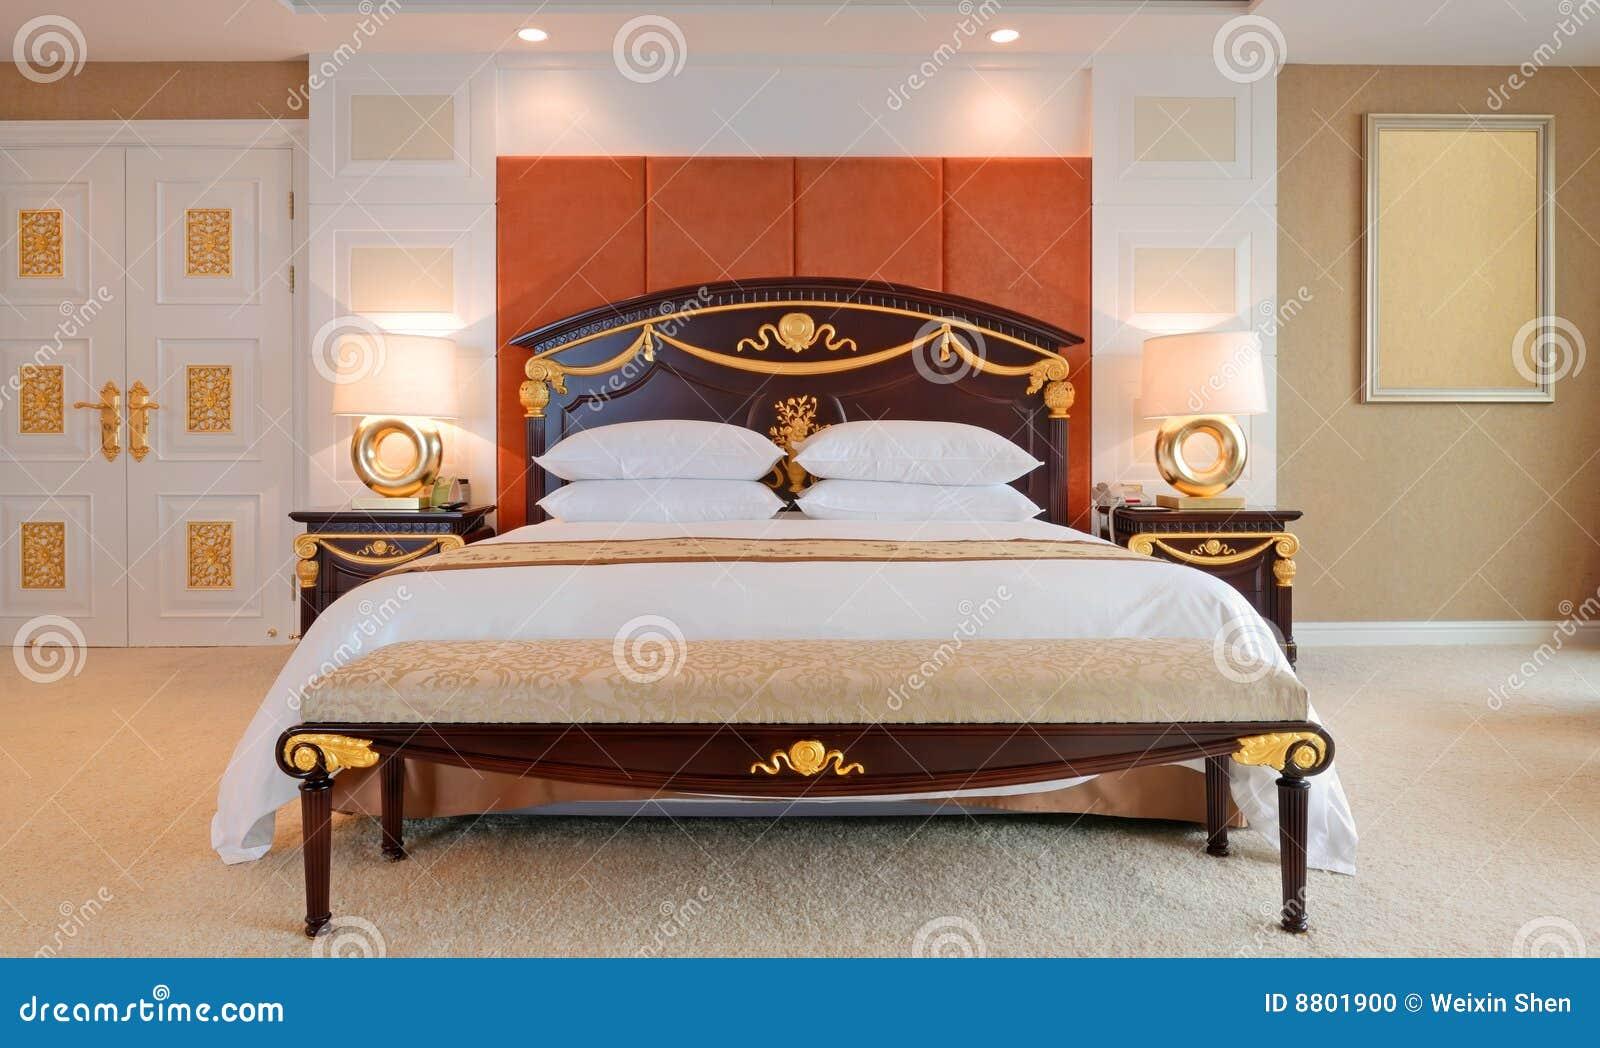 Letti Di Lusso In Pelle : Camera da letto della serie di lusso in hotel fotografia stock